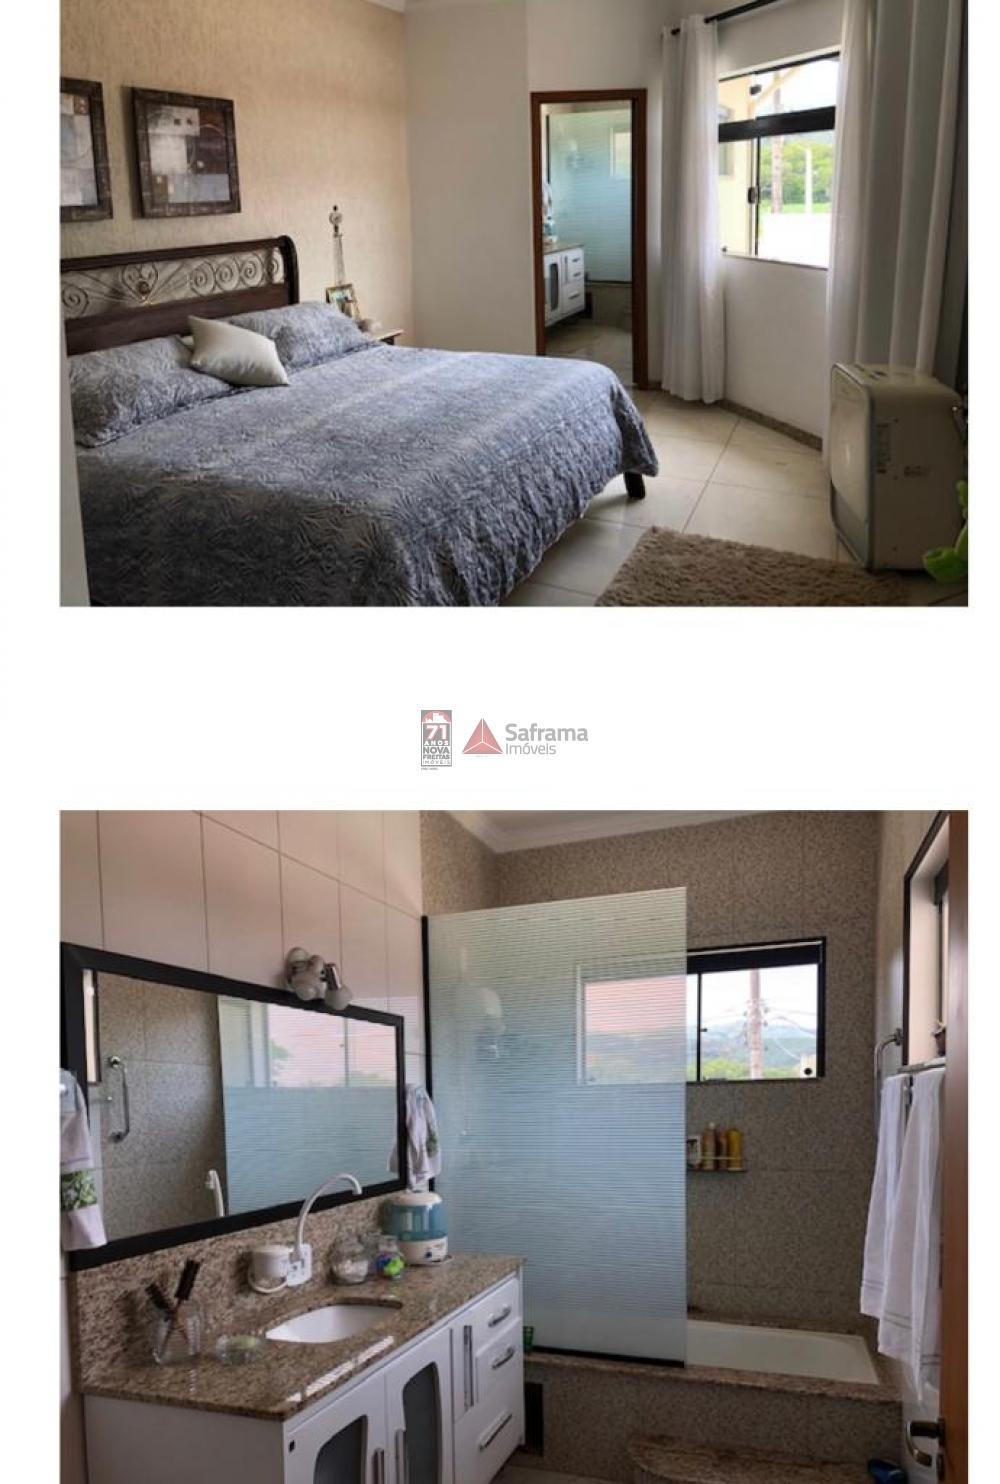 Comprar Casa / Sobrado em Aparecida apenas R$ 999.000,00 - Foto 7